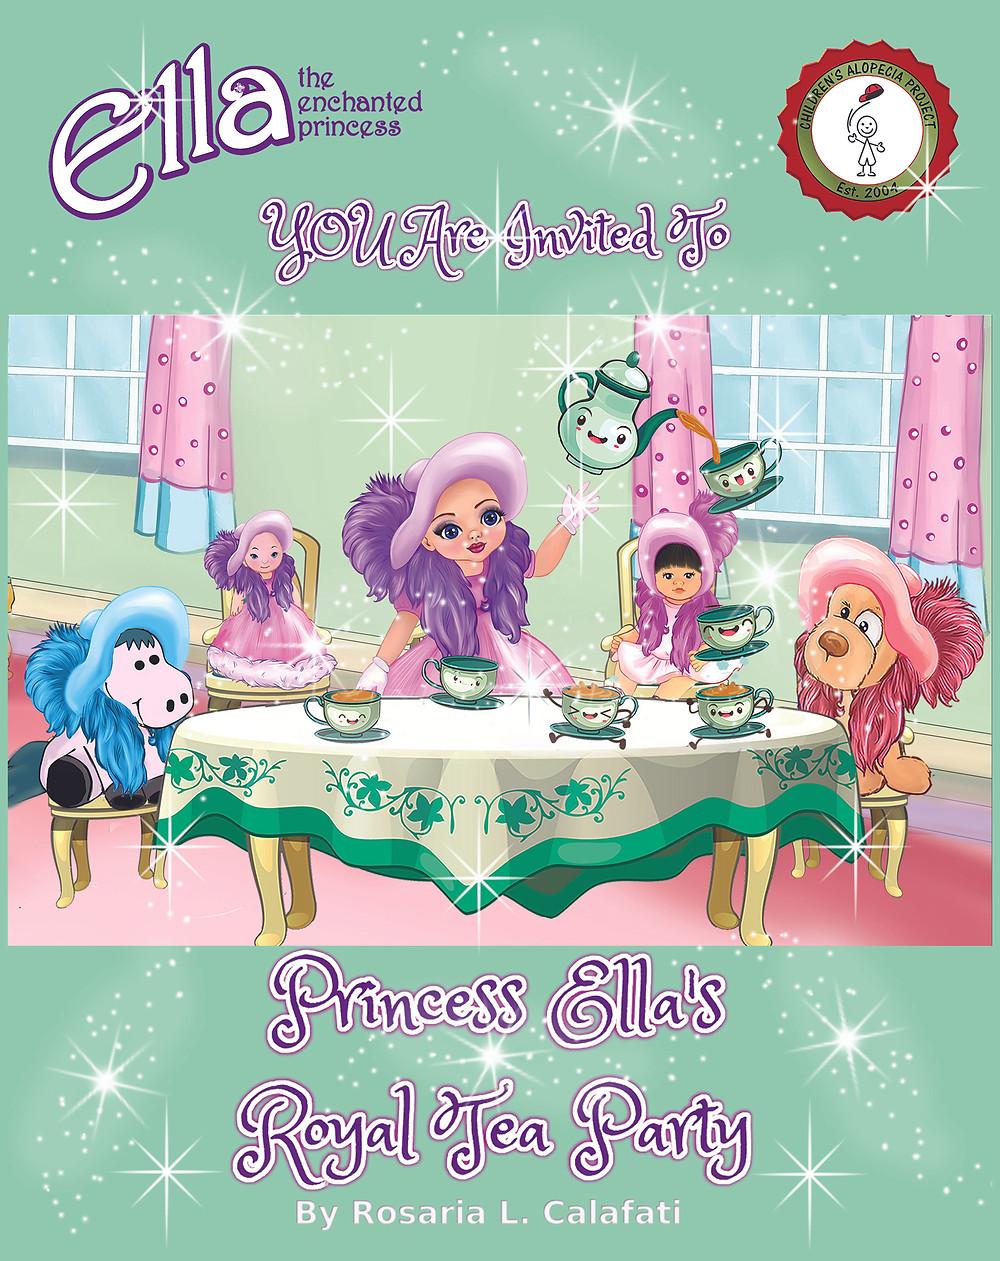 Princess Ella's Magical Tea Pot and Tea Cups at her Royal Tea Party.